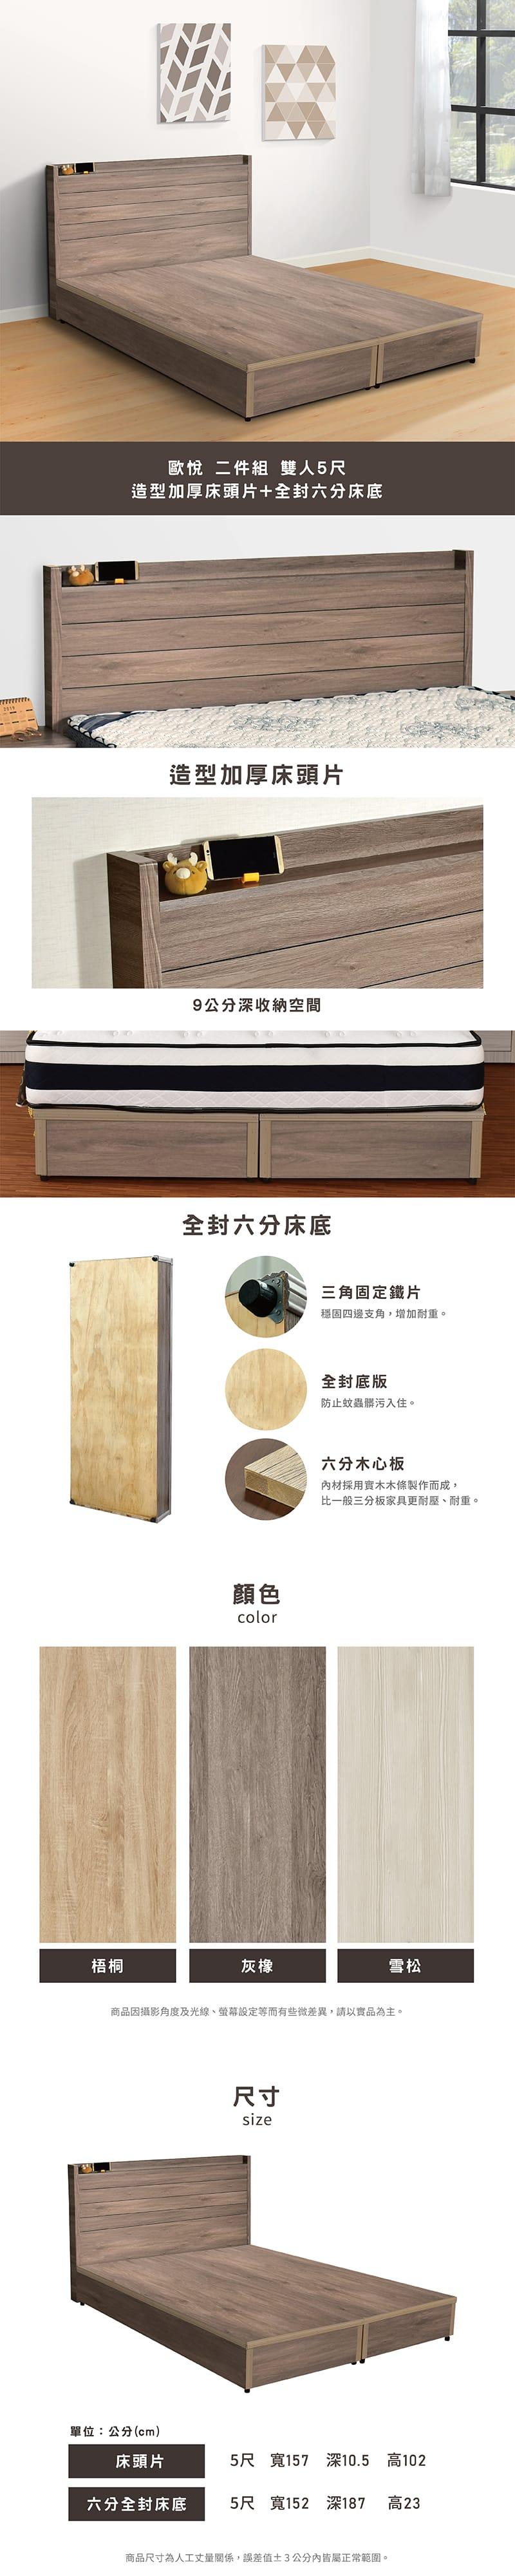 收納床組兩件 雙人5尺(床頭片+床底)【諾亞】